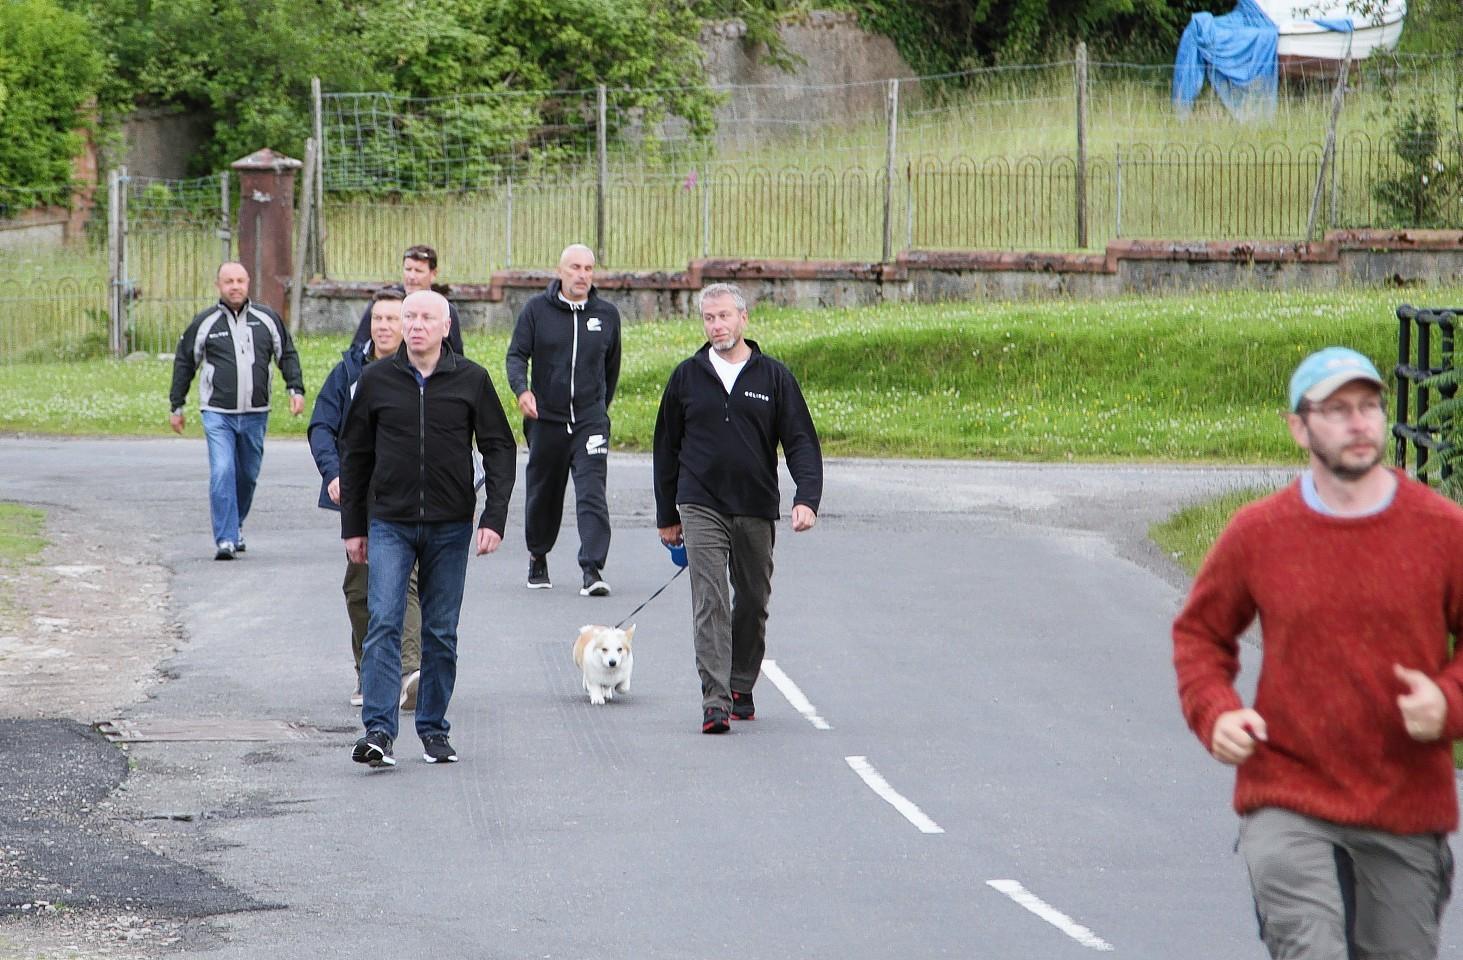 Abramovich and his corgi go for a walk around Arran